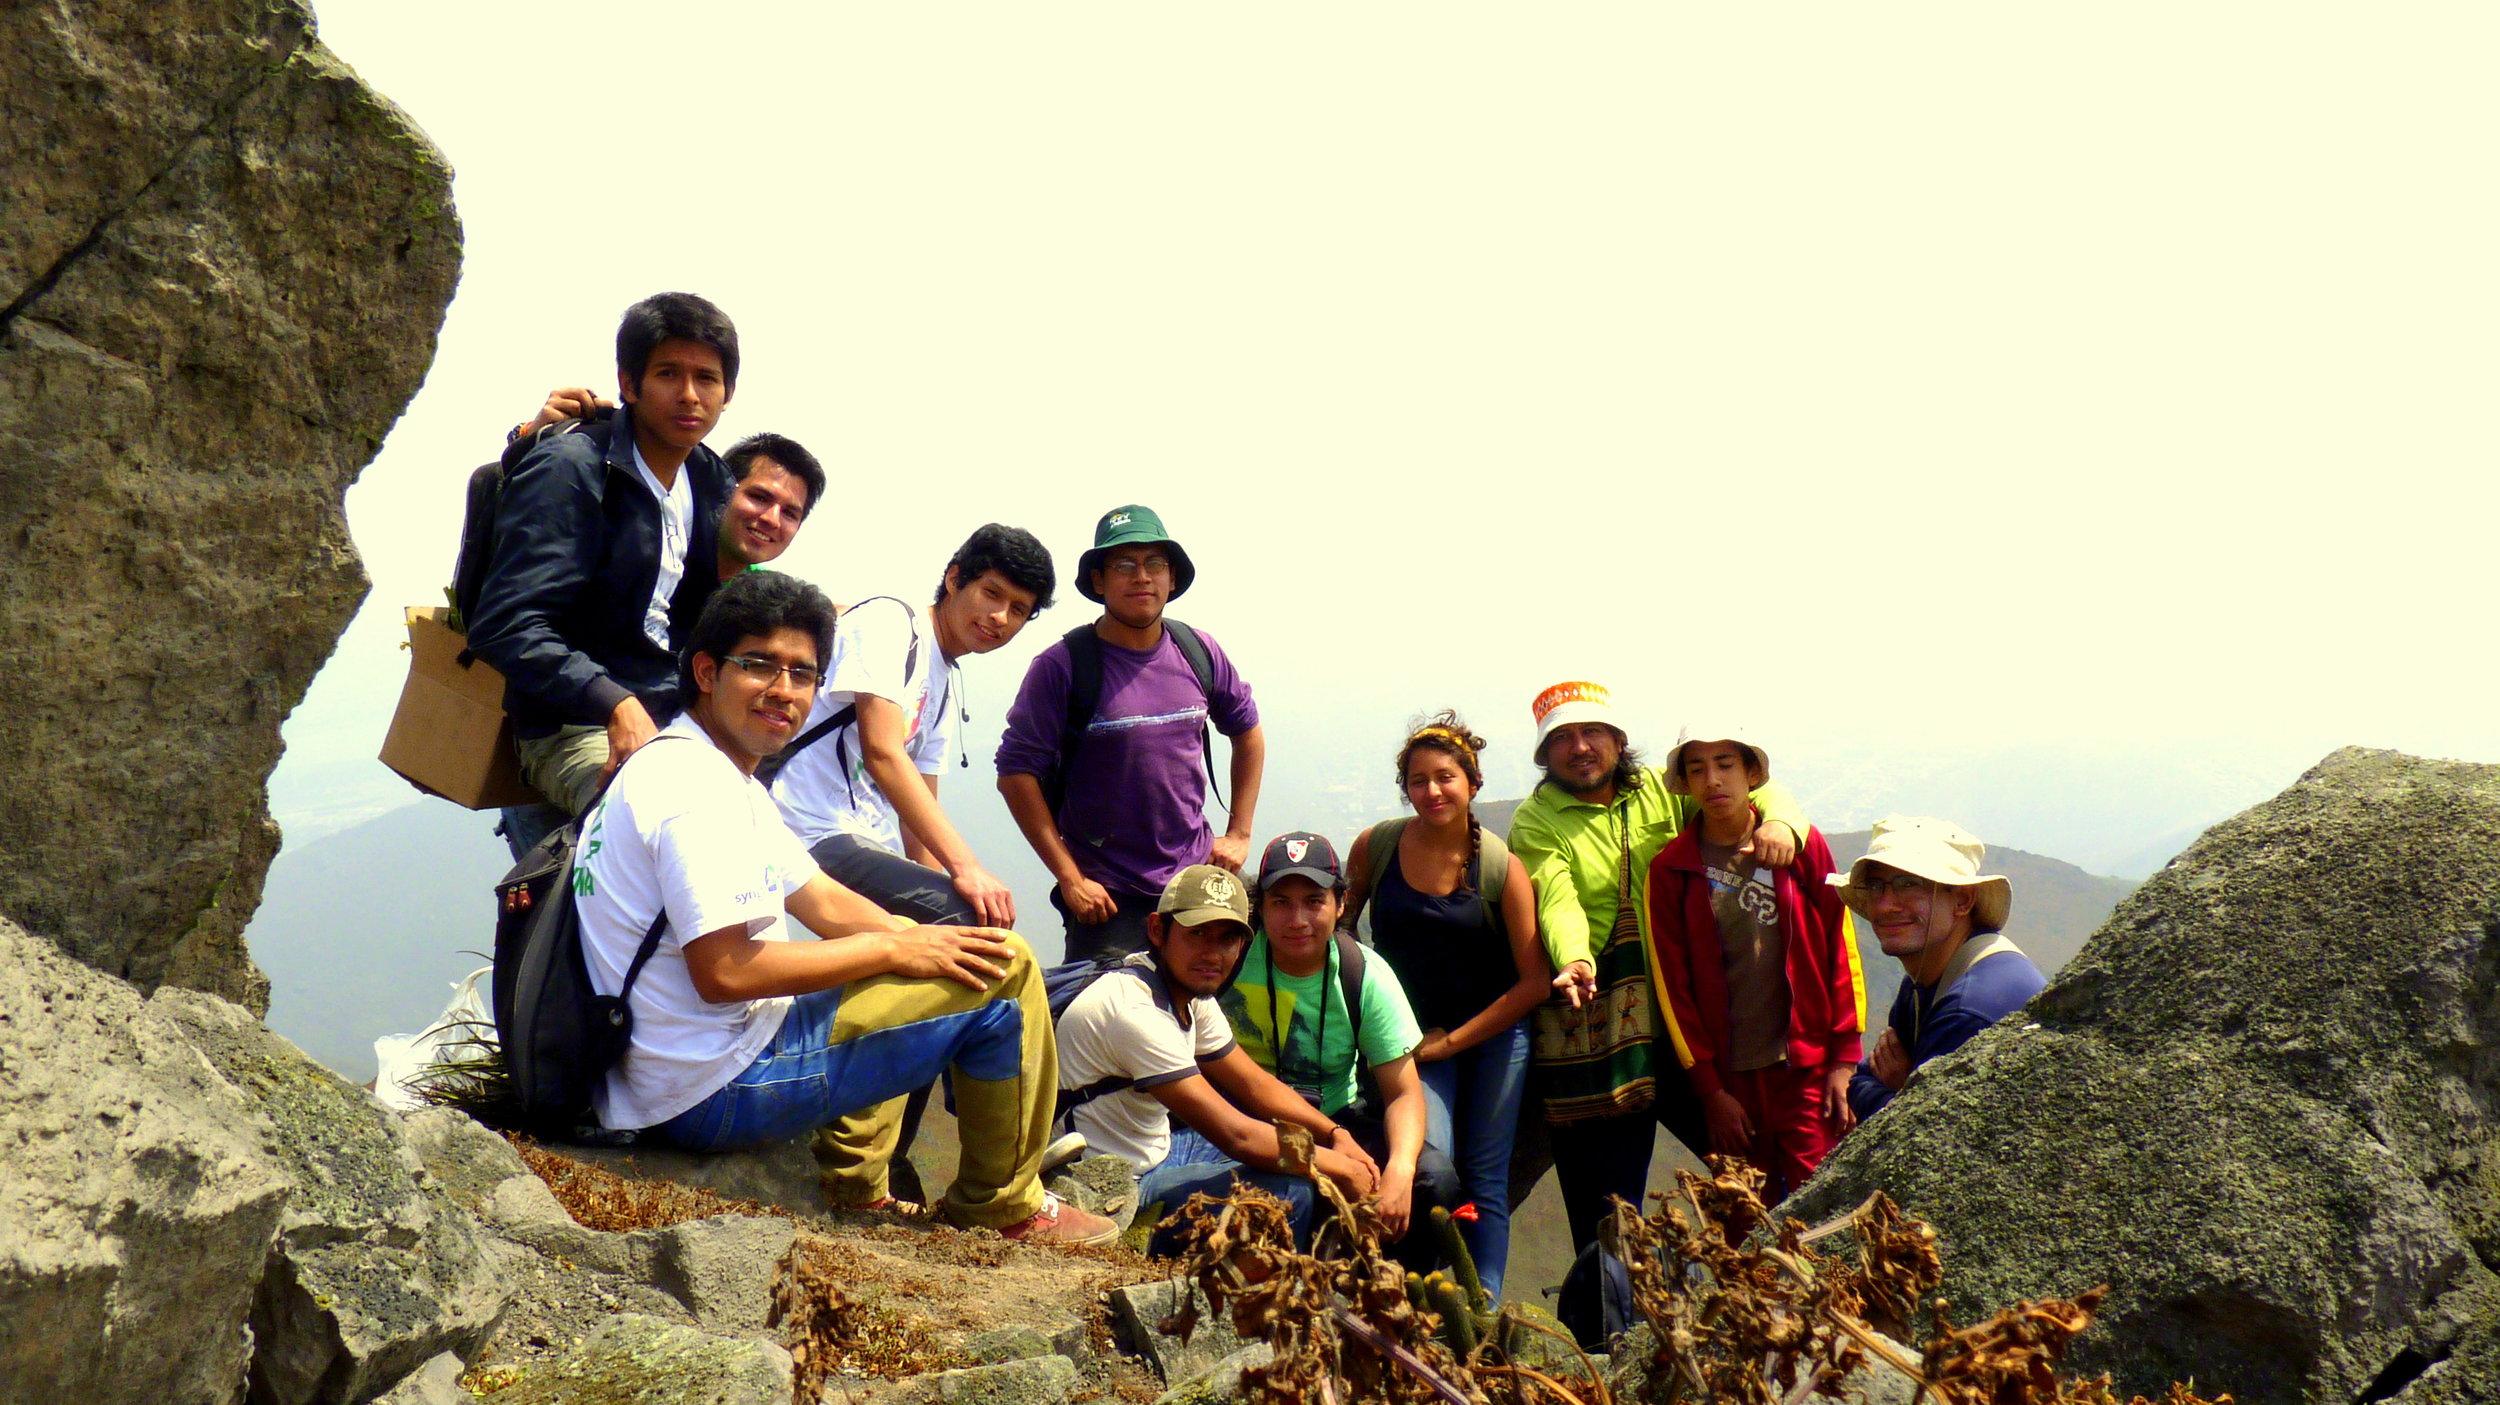 Primeros integrantes y fundadores de Proyecto Lomas en las lomas de Mangomarca, San Juan de Lurigancho, Lima-Perú (2011)